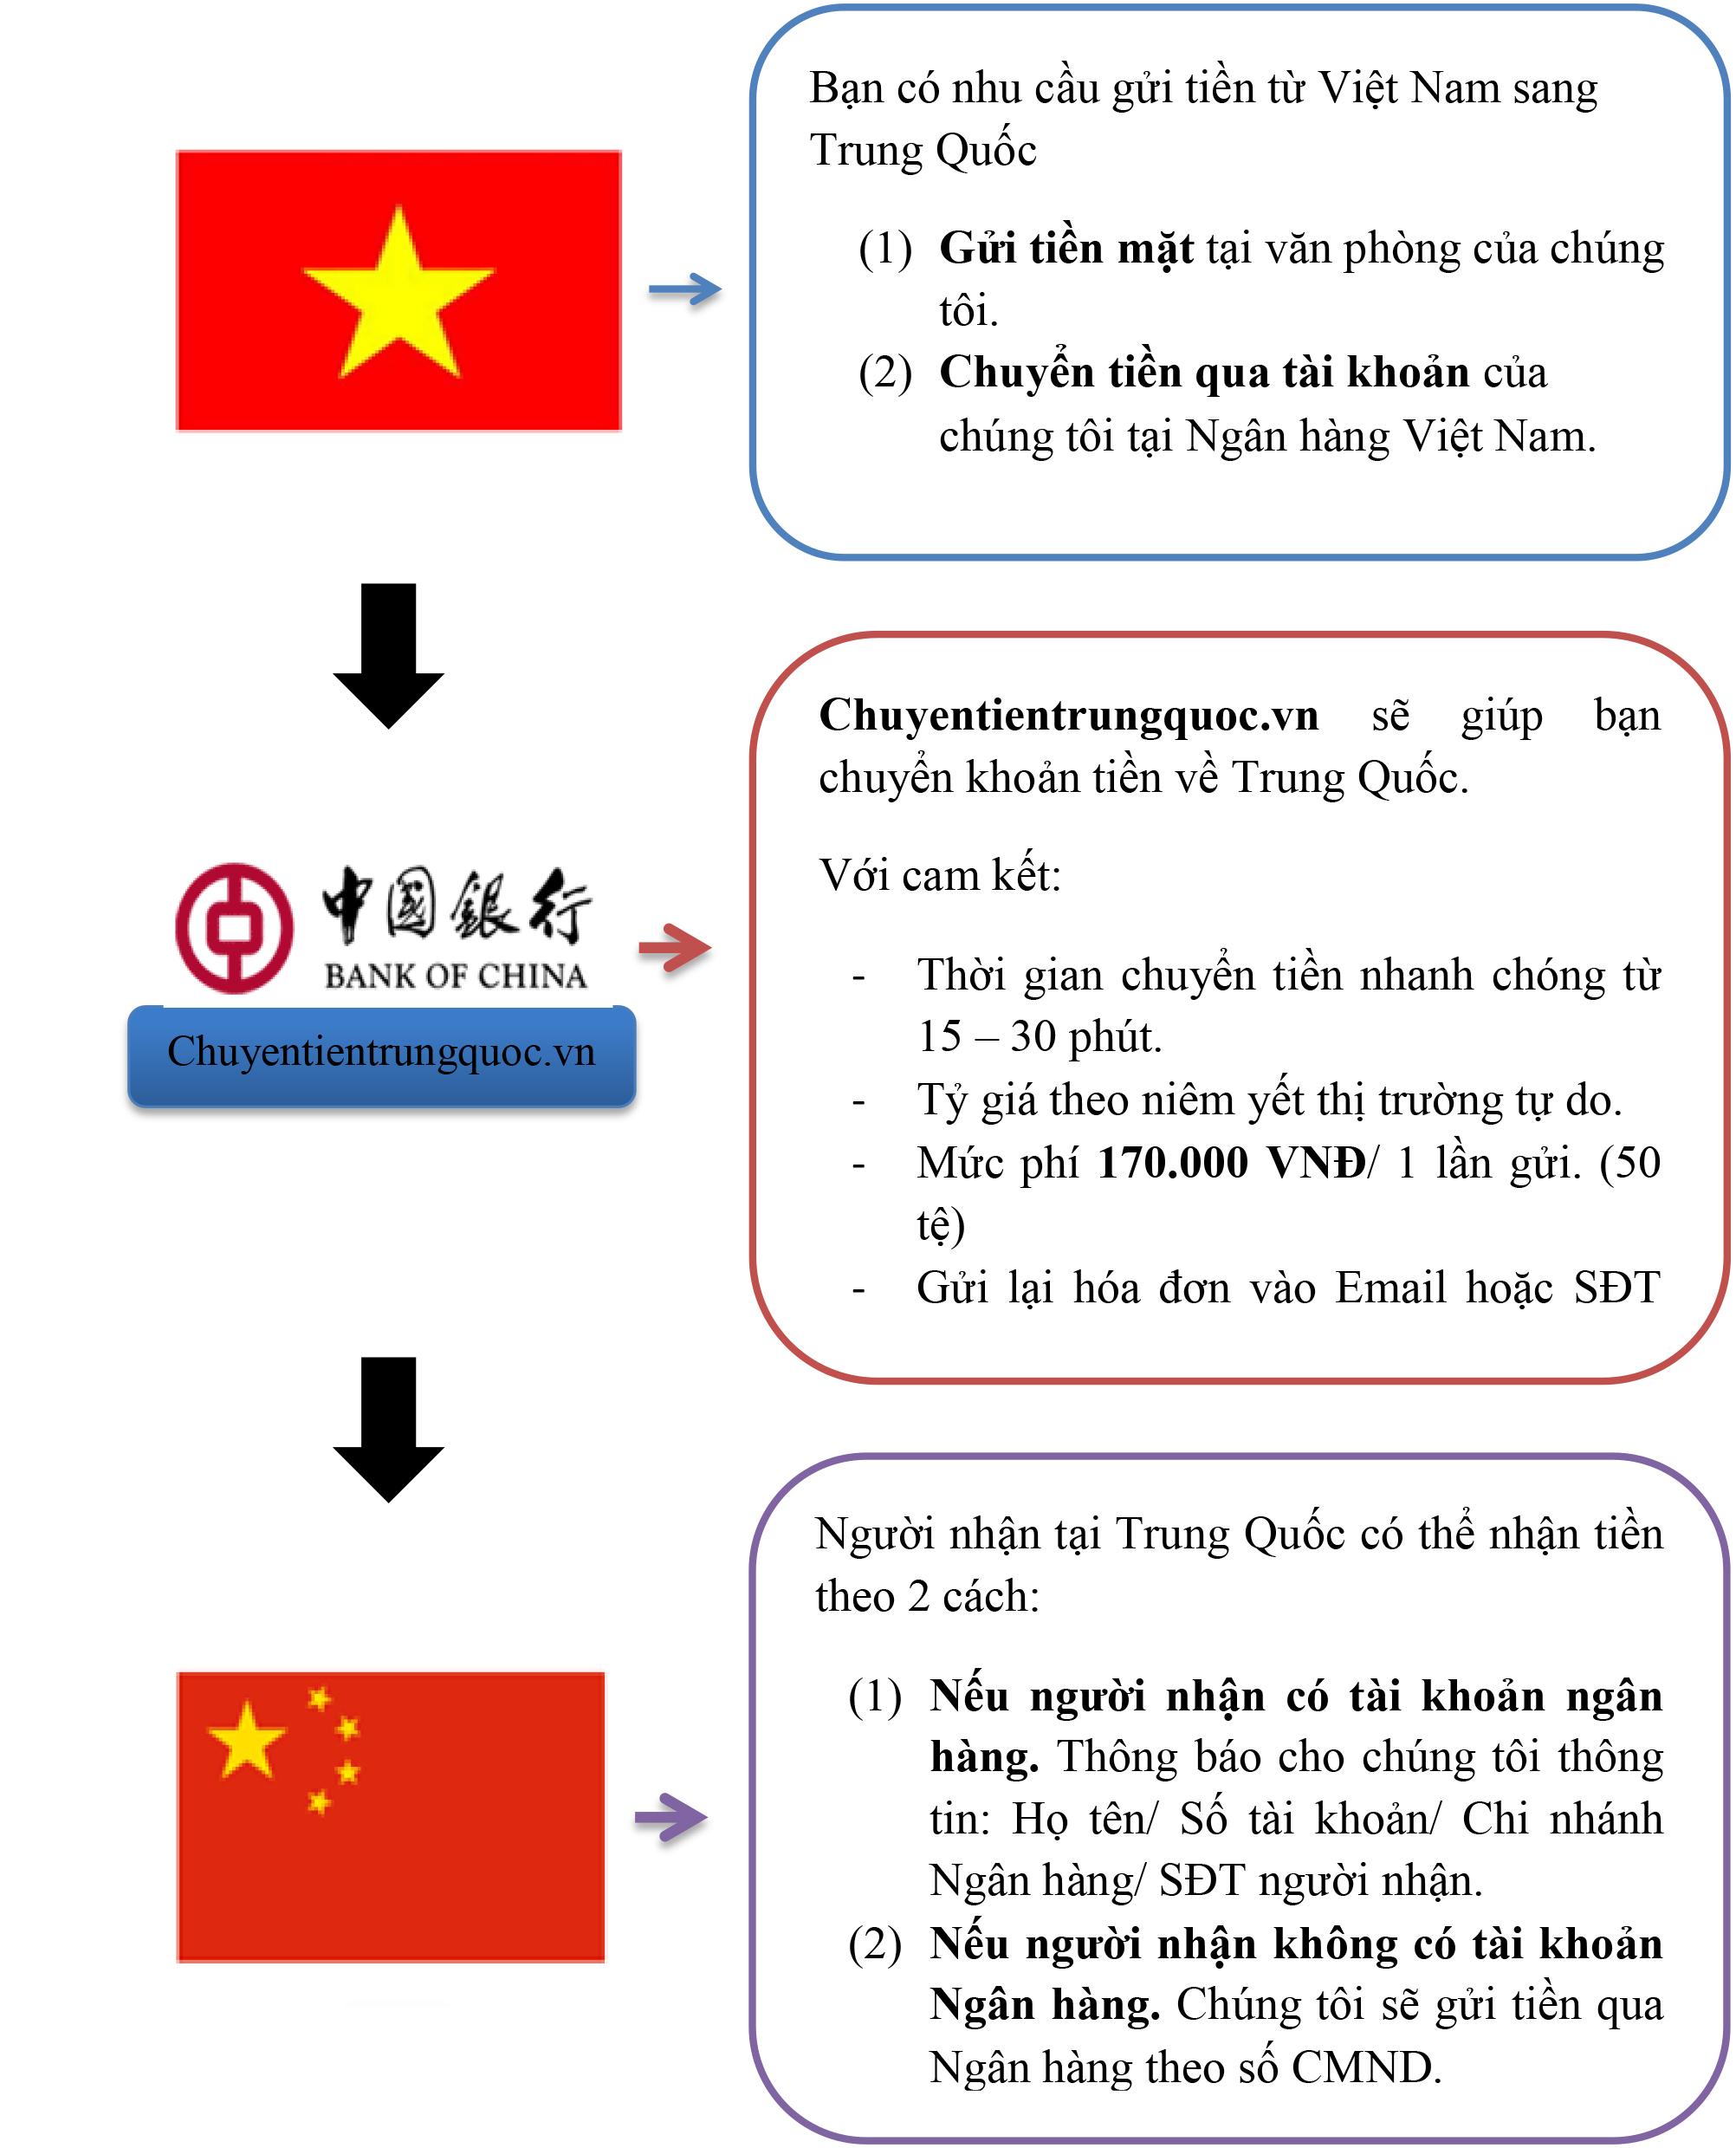 Nếu Quý khách có nhu cầu chuyển tiền từ Việt Nam sang Trung Quốc thường xuyên, xin vui lòng liên lạc với chúng tôi để tham gia nhóm khách hàng VIP với nhiều ưu đãi hấp dẫn.